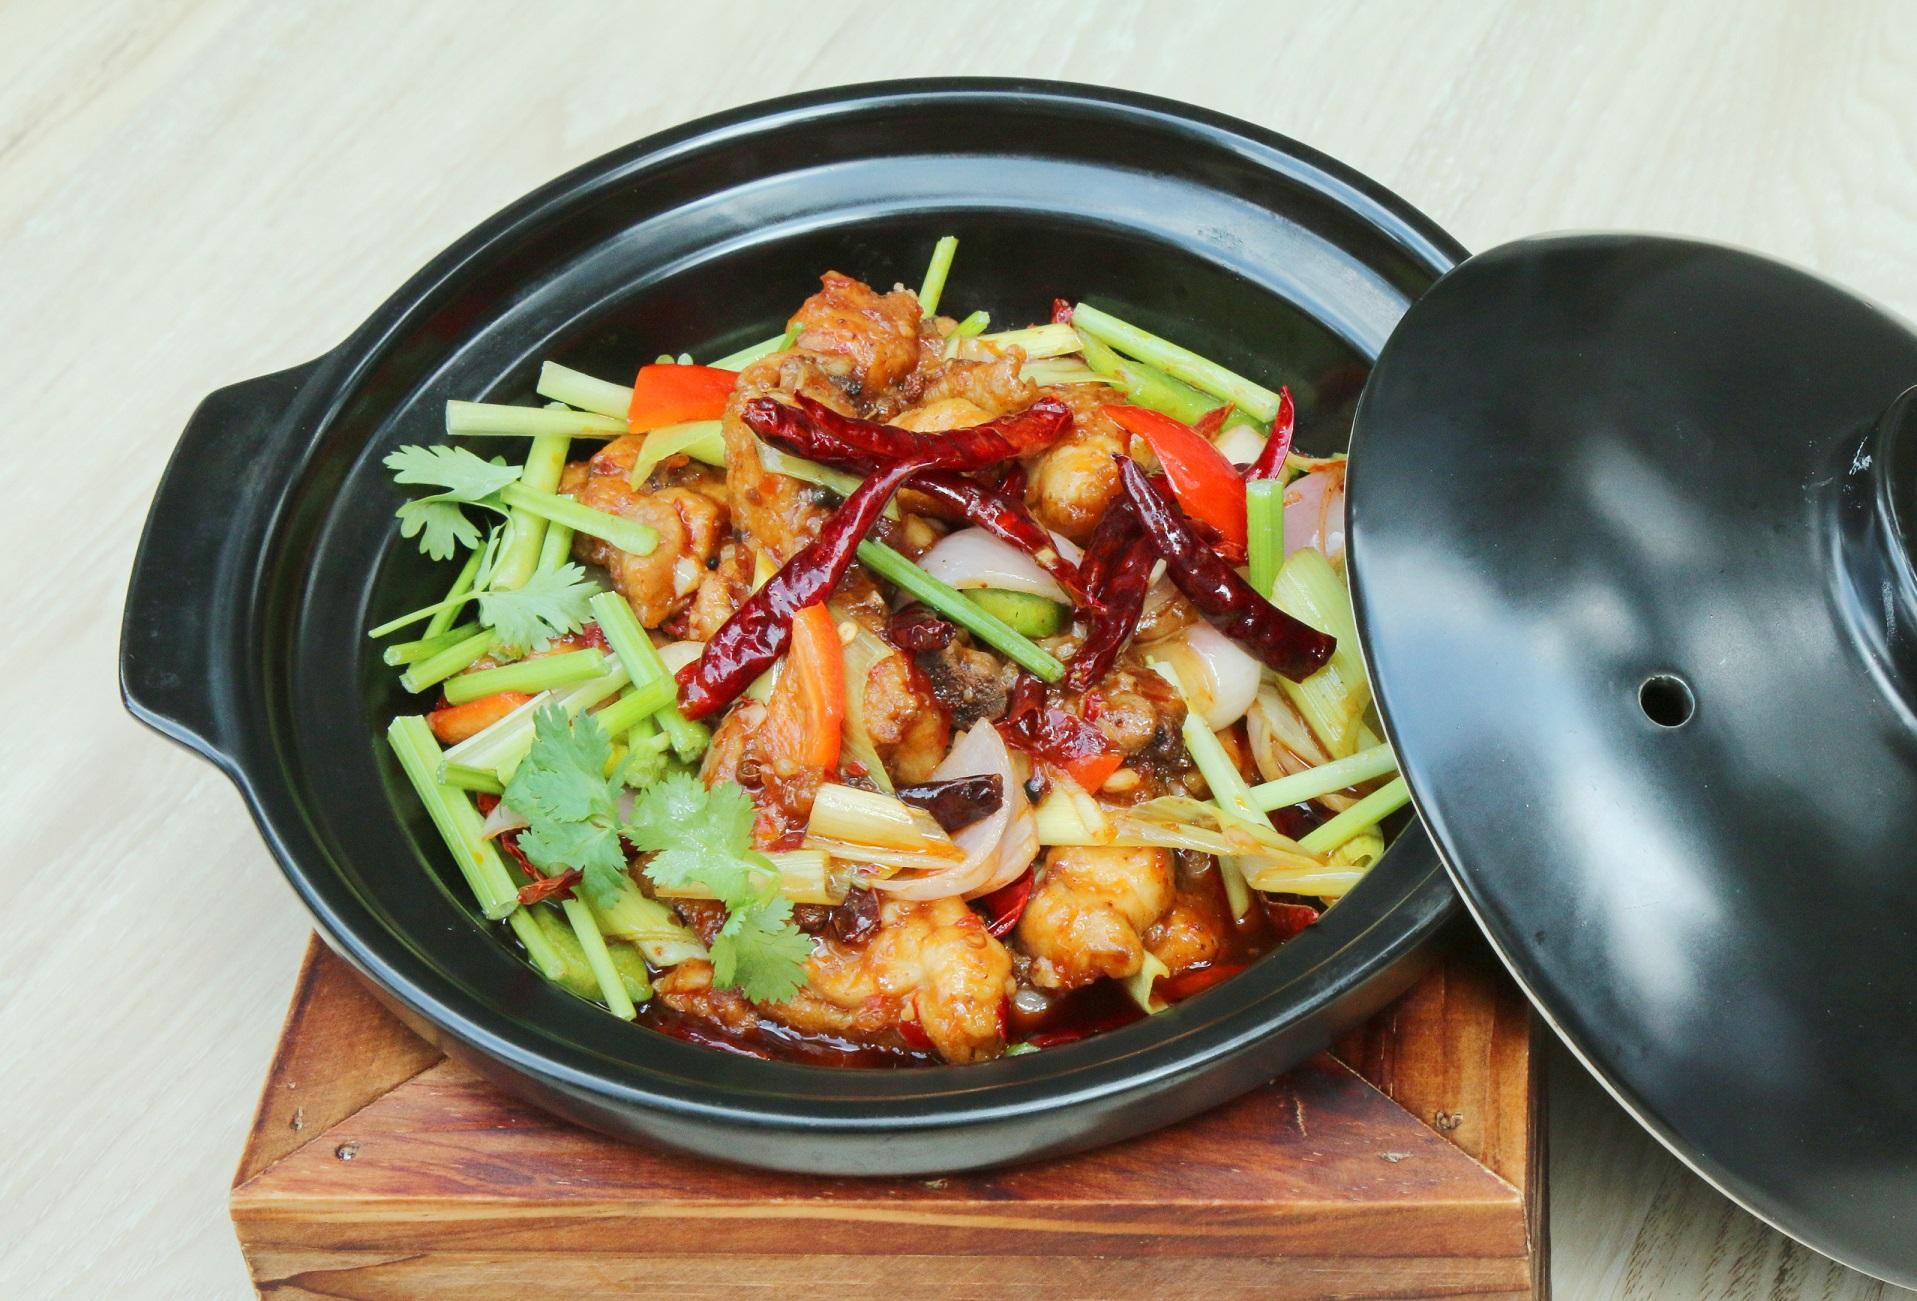 ฮอตพอตสตูว์ไก่แซ่บสไตล์เสฉวน ห้องอาหารจีนหลิว 13 -